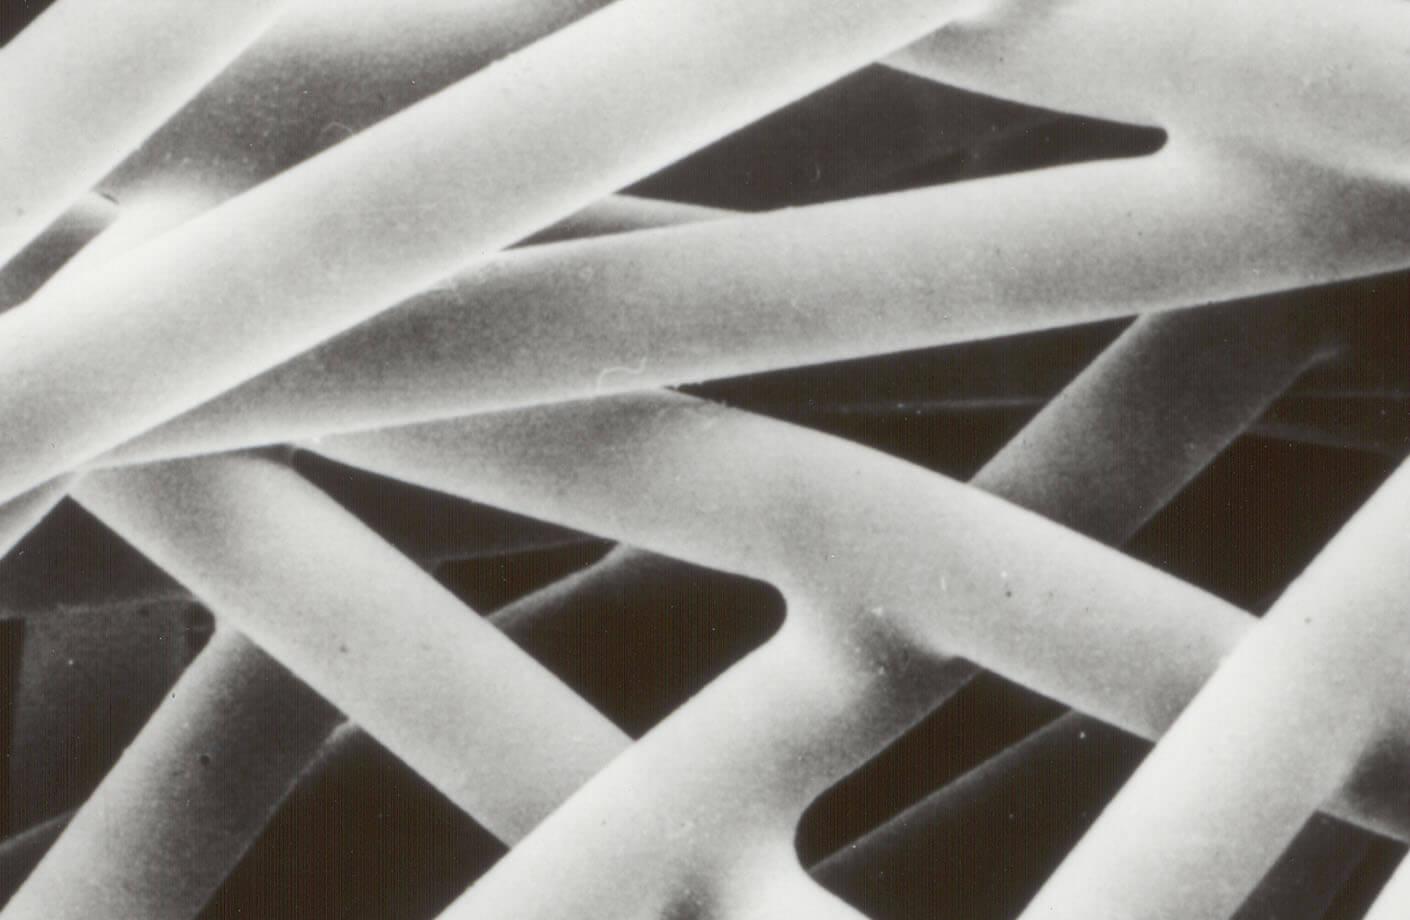 colback nonwovens no voc emission filter filtration media